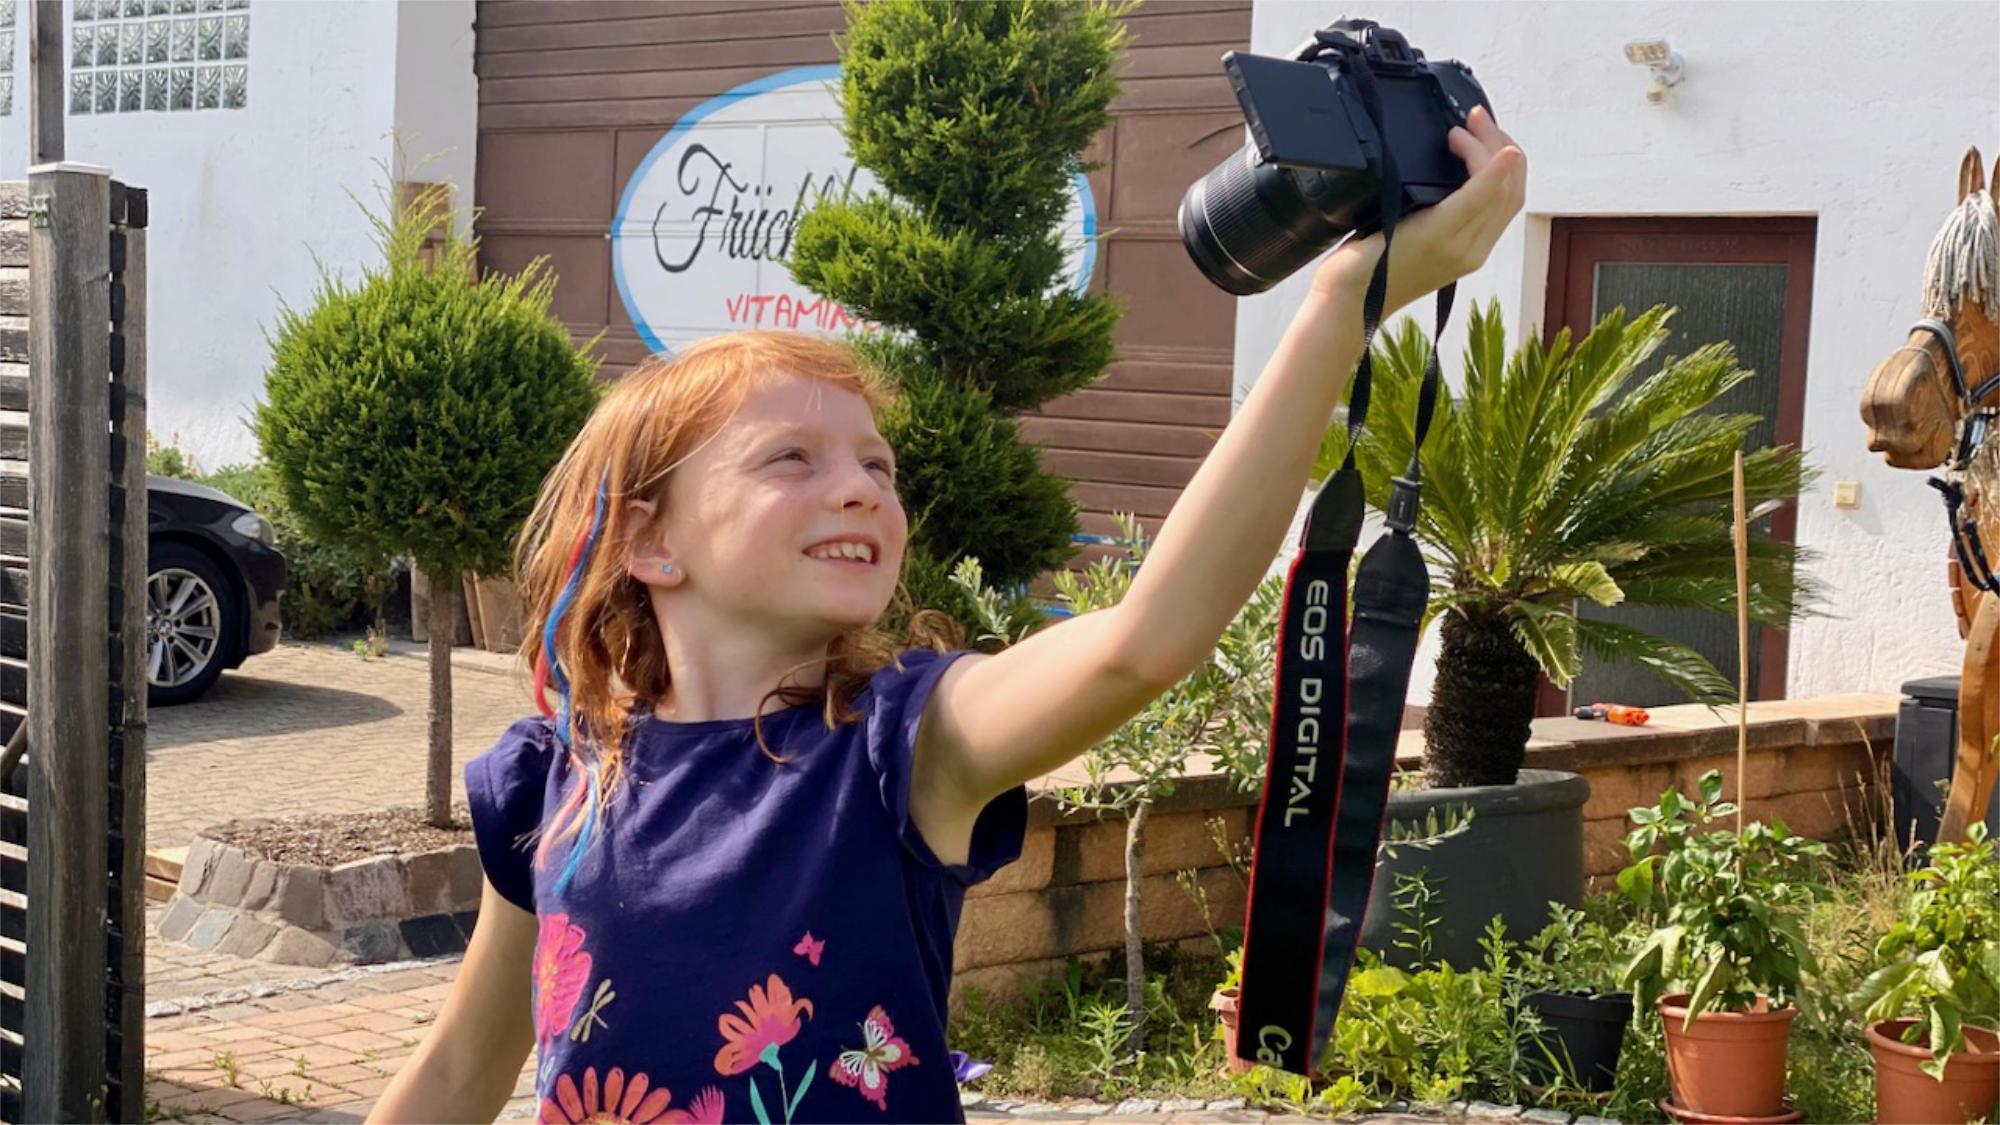 Kind macht Selfie